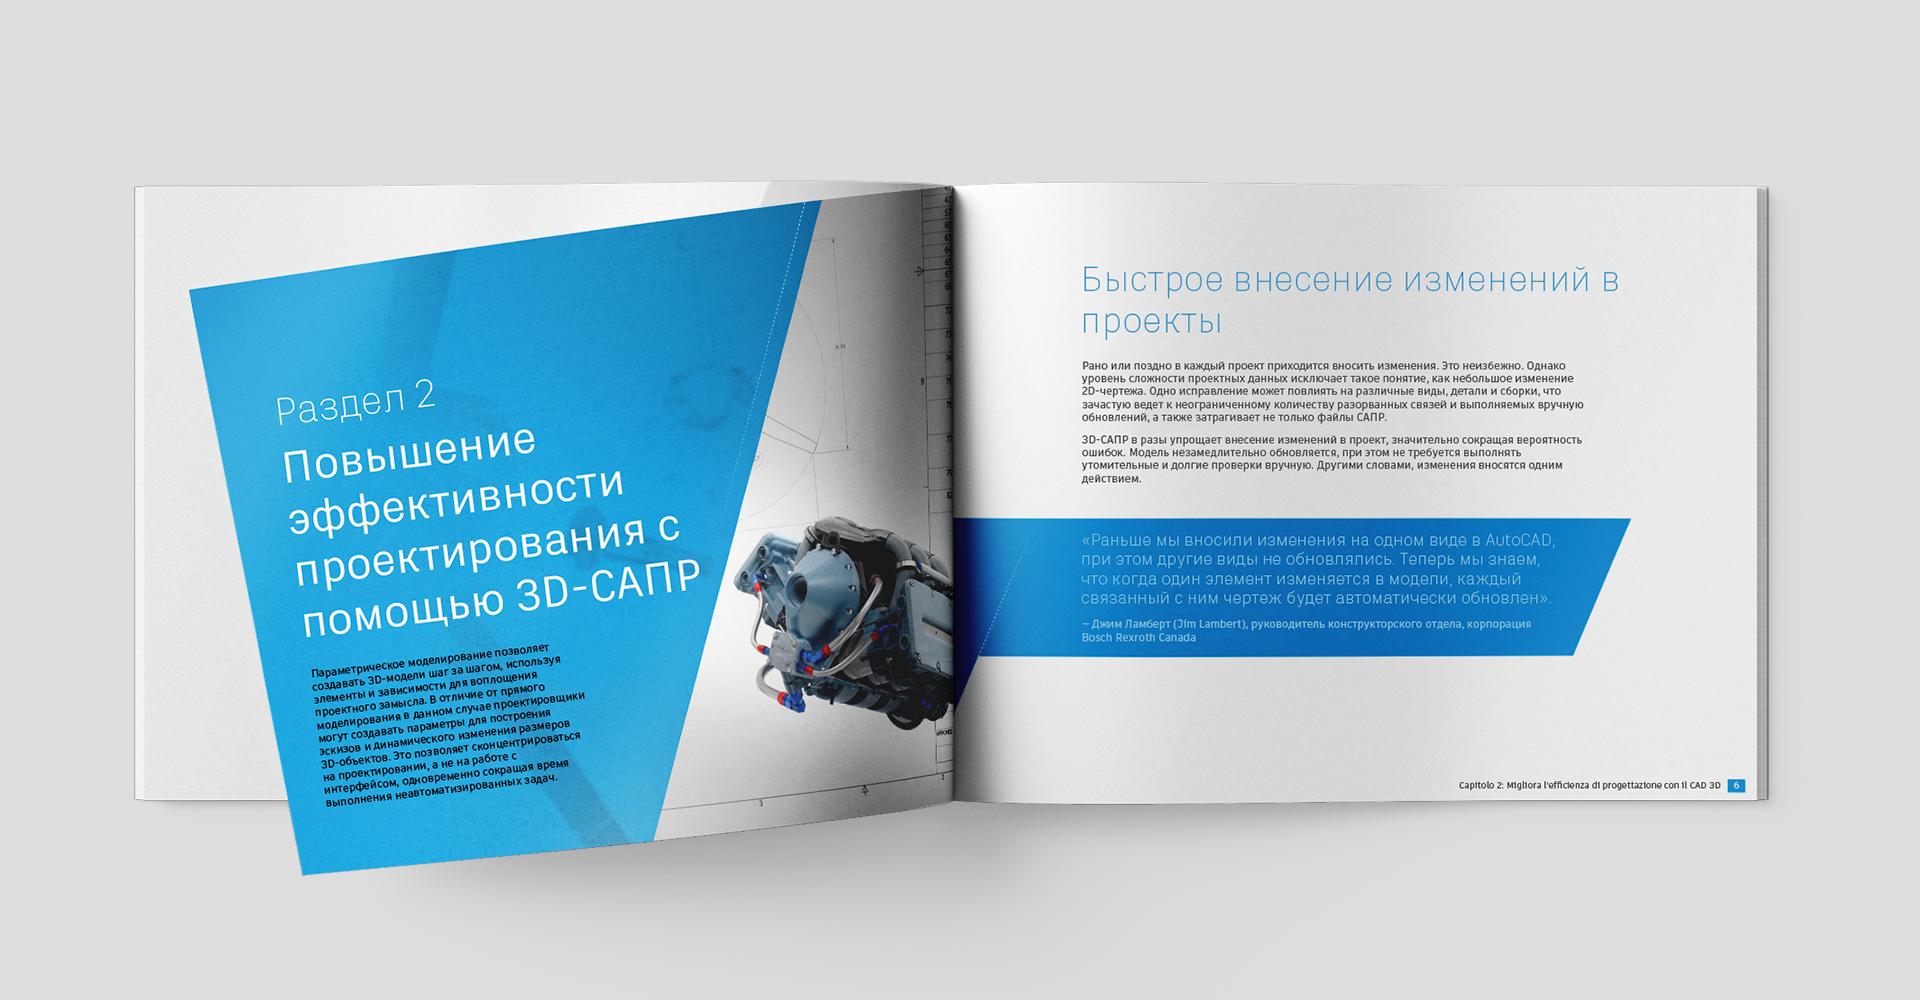 Важные сведения по работе в 3D-САПР для пользователей 2D-программ (электронный учебник)